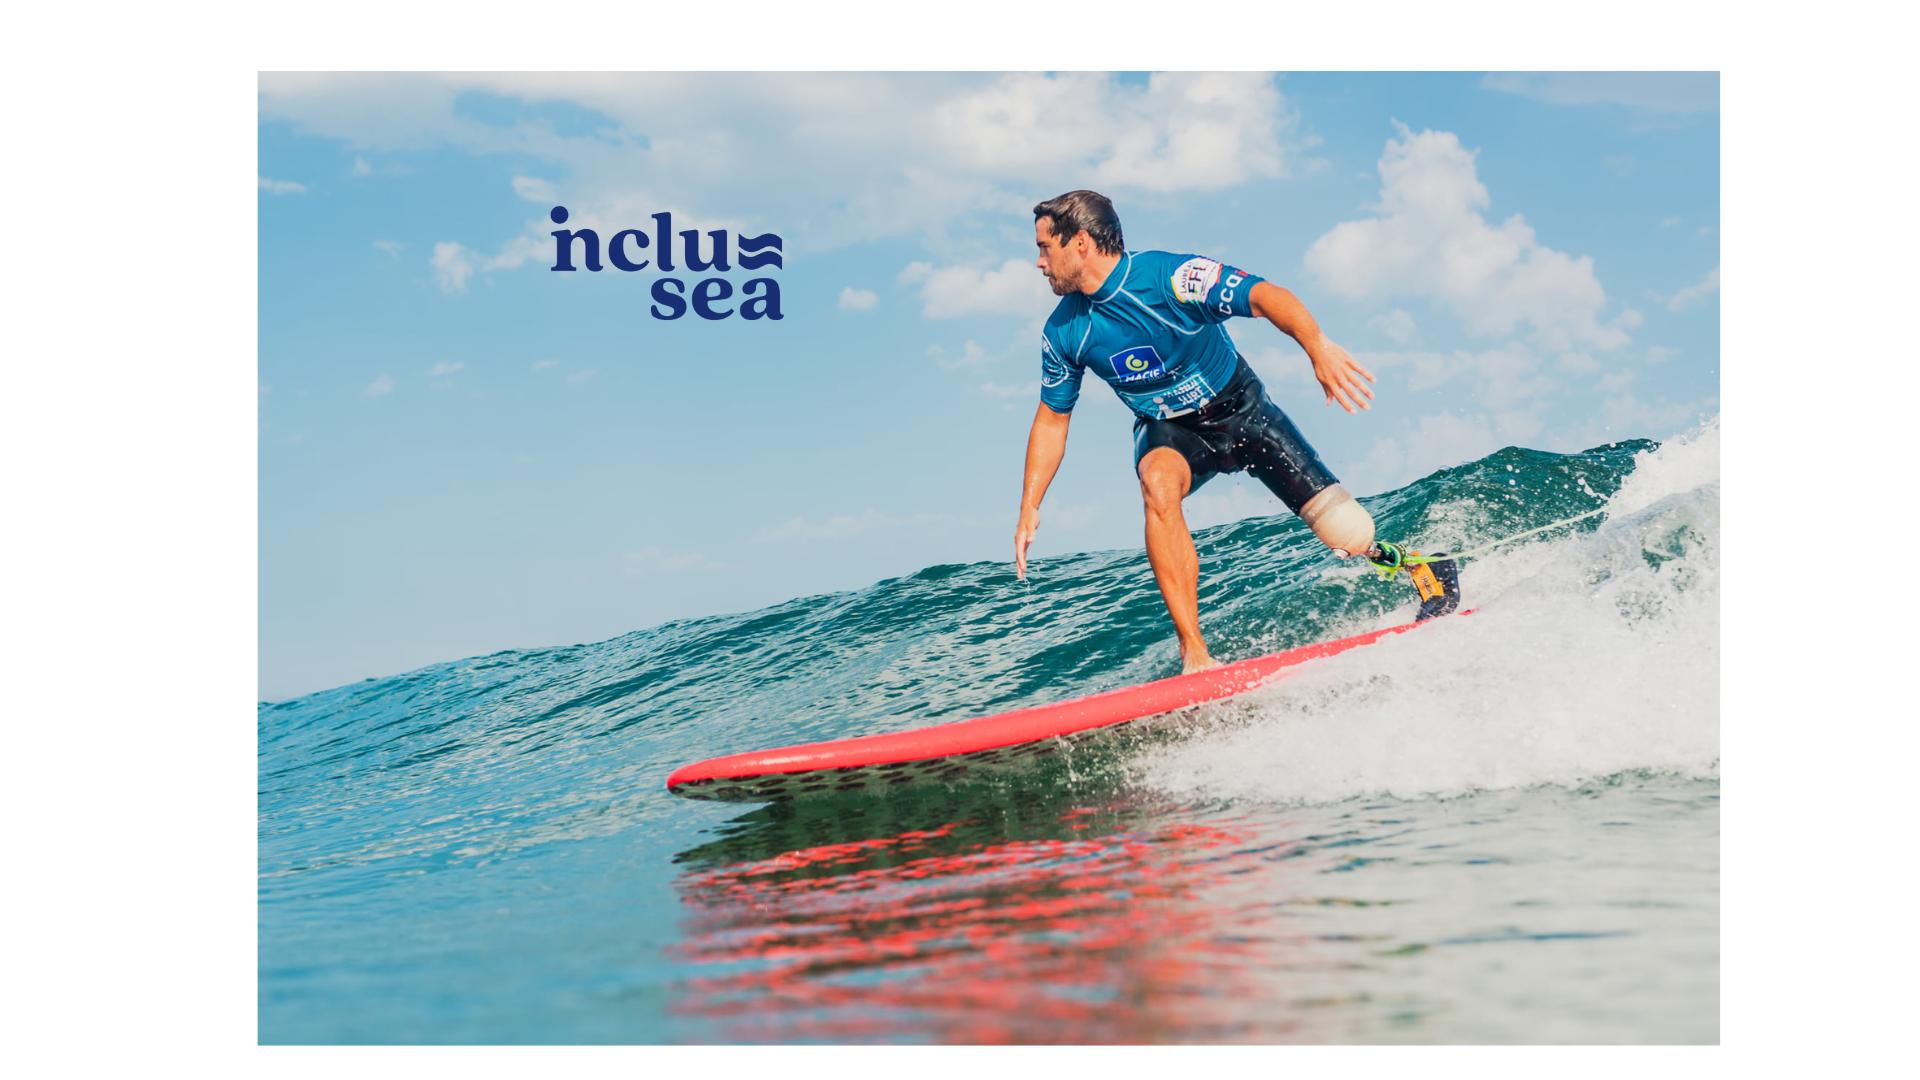 Retour sur le webinaire : 5 intervenants pour parler du Para Surf autour du projet INCLUSEA